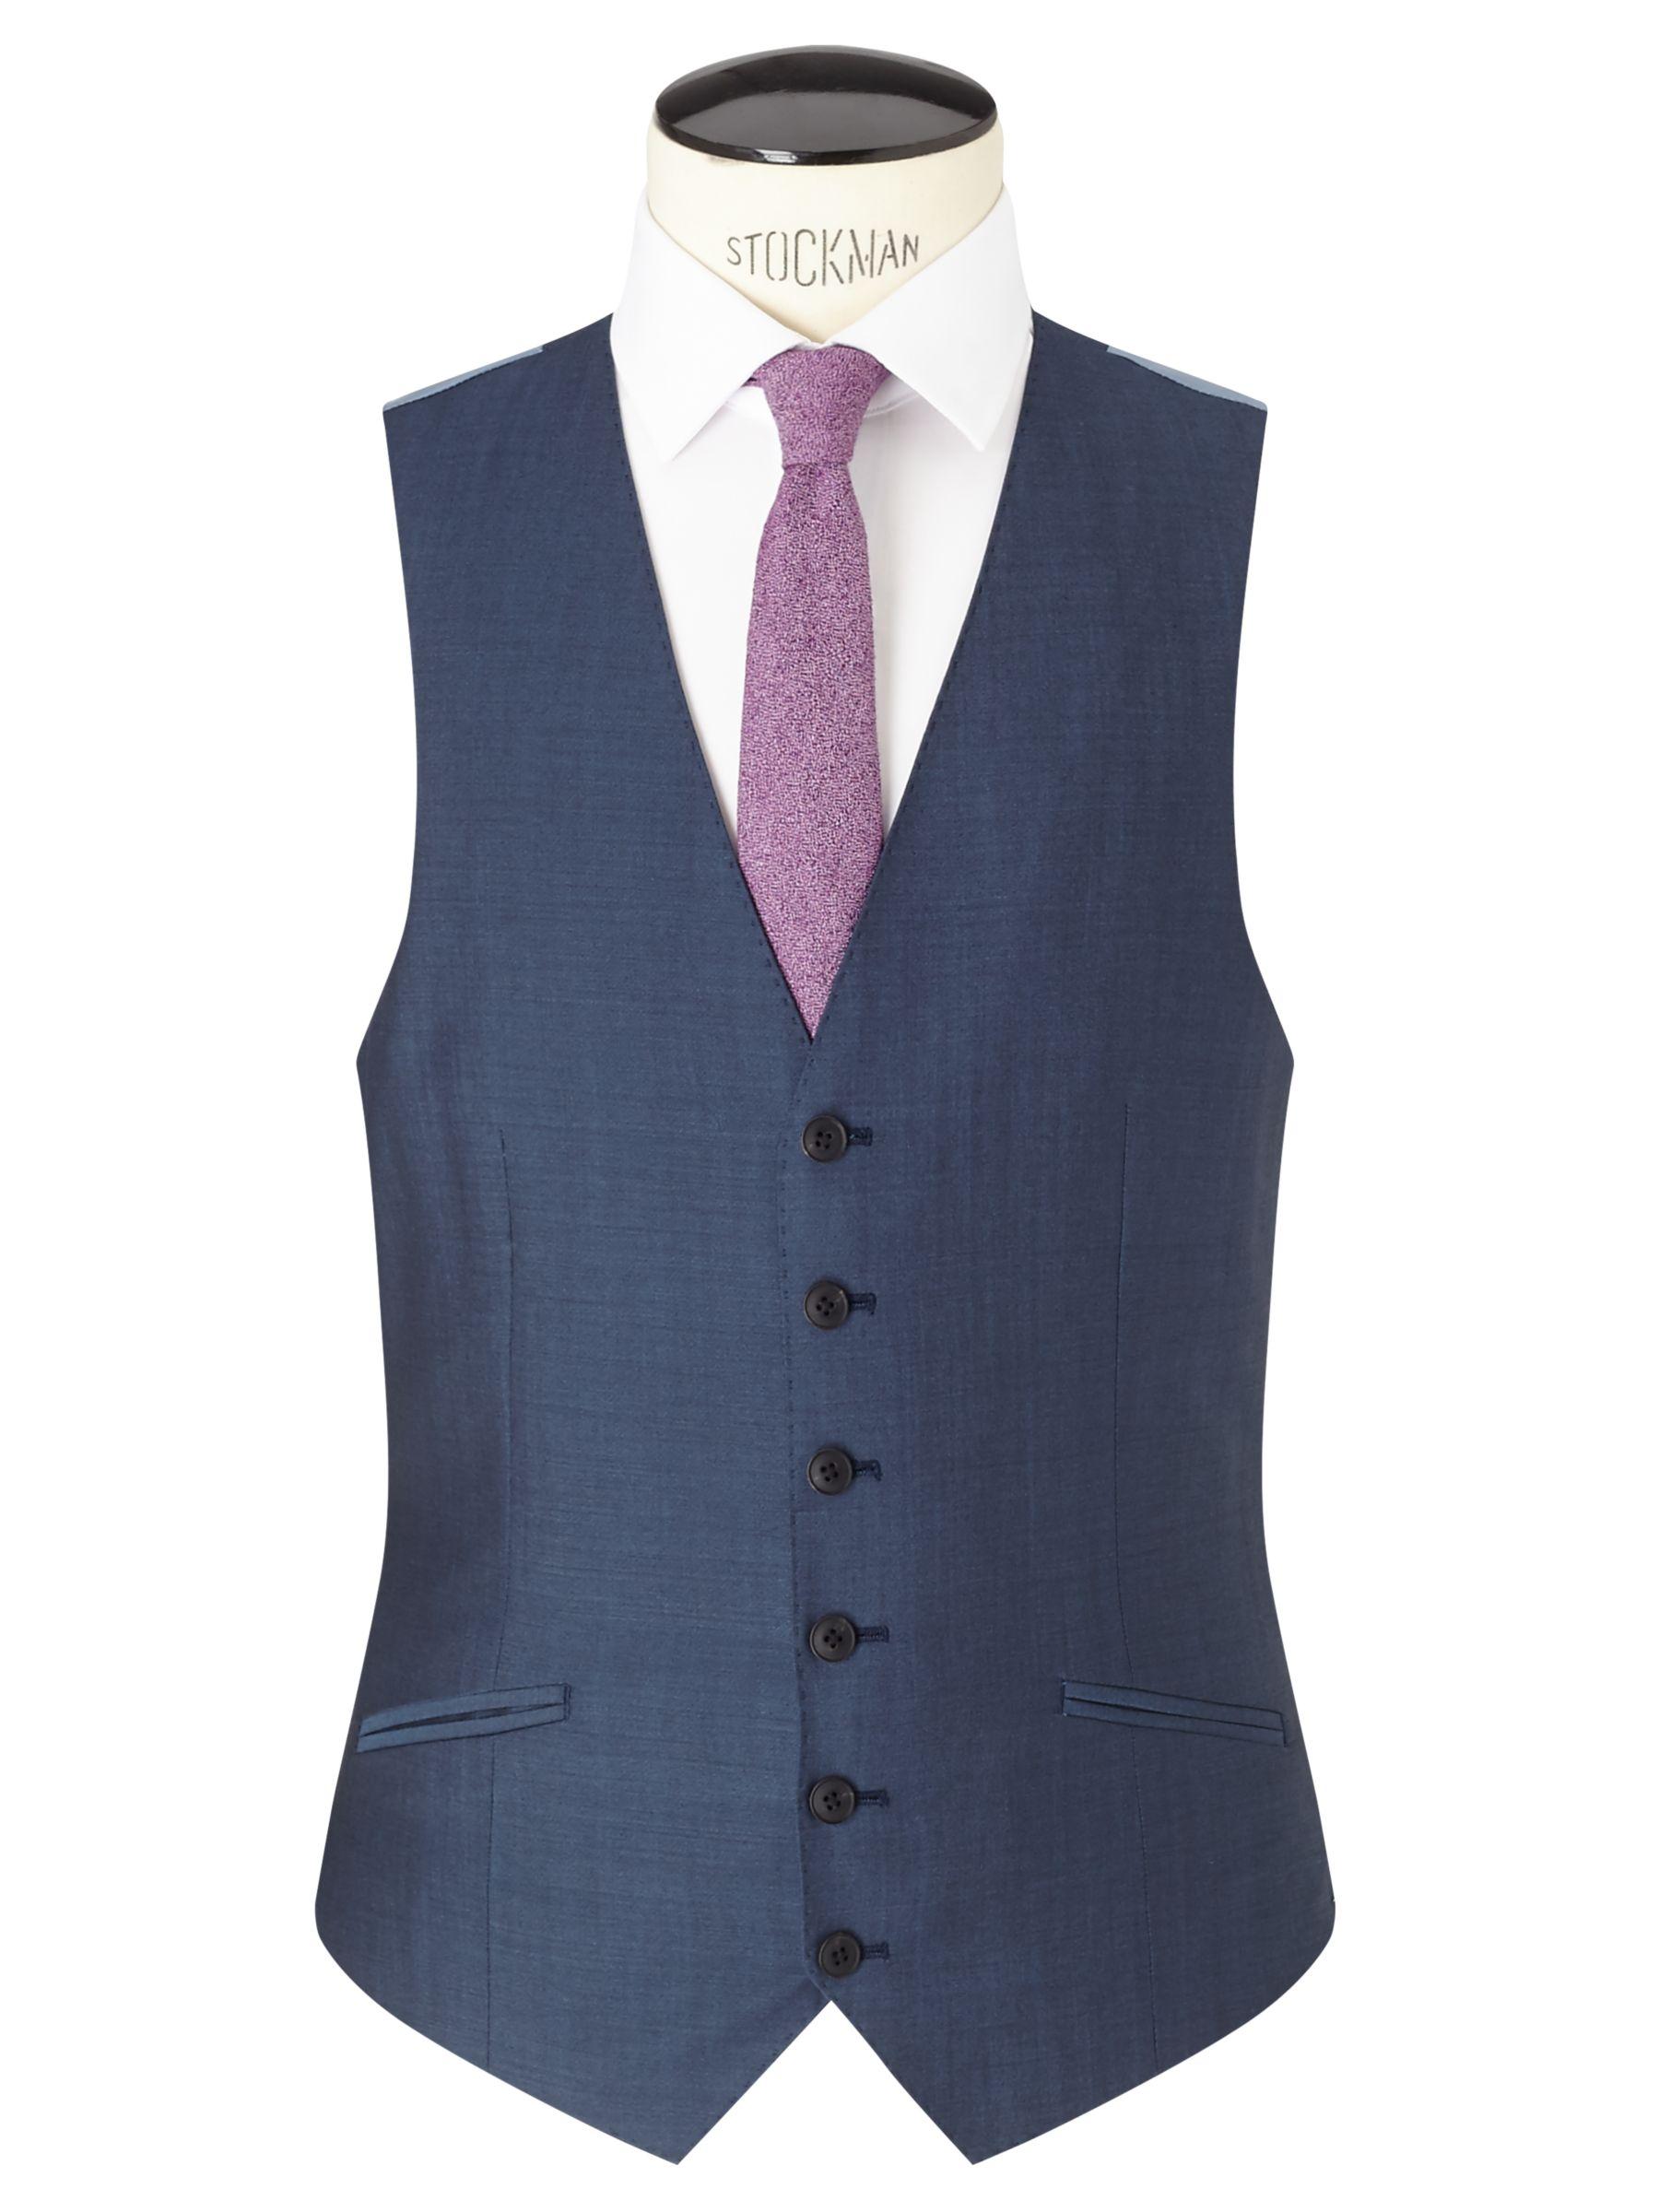 Richard James Mayfair Richard James Mayfair Wool Mohair Slim Fit Waistcoat, Blue Steel